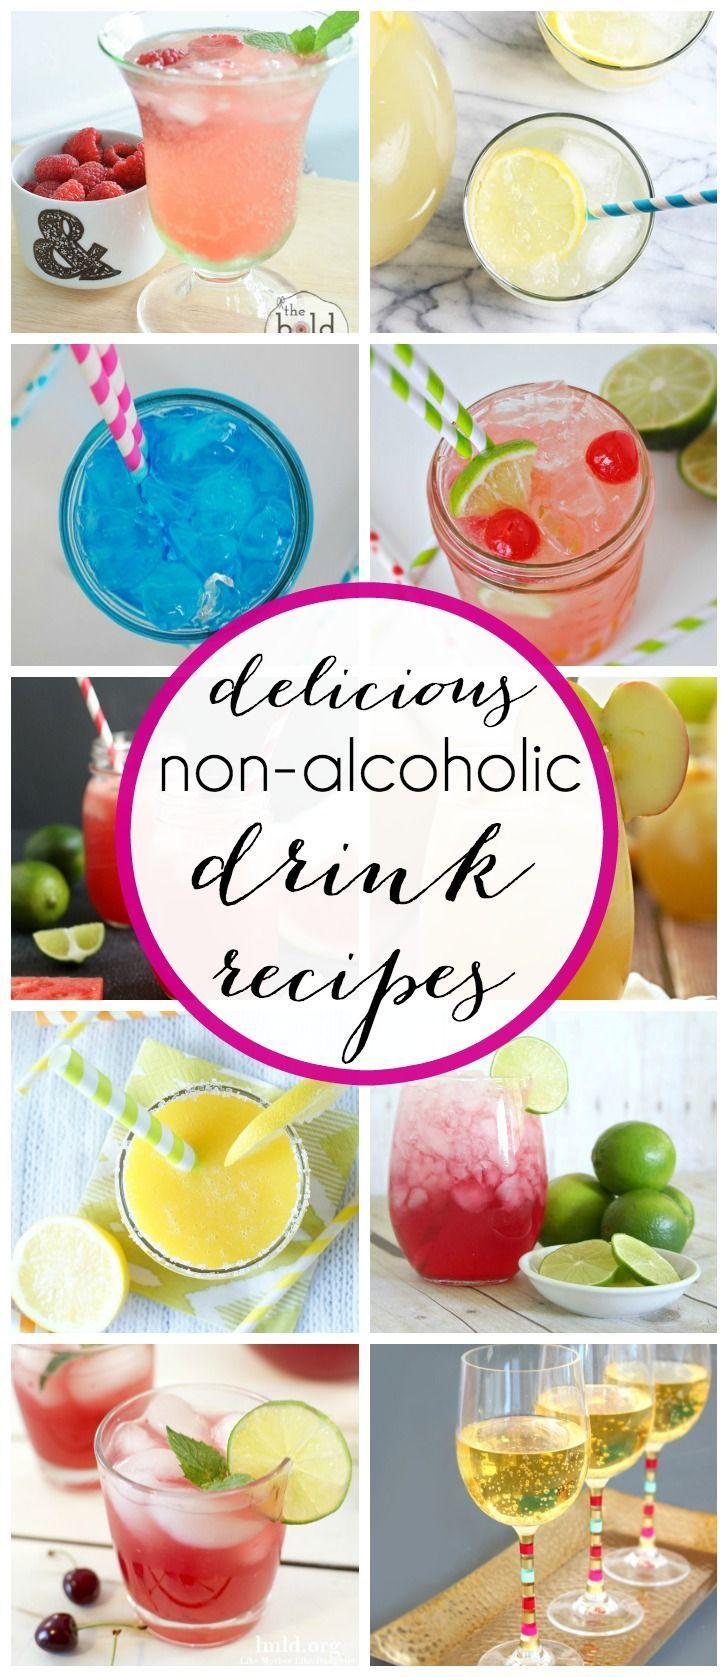 Non alcoholic drink recipes non alcoholic alcoholic for Non alcoholic beverages recipes